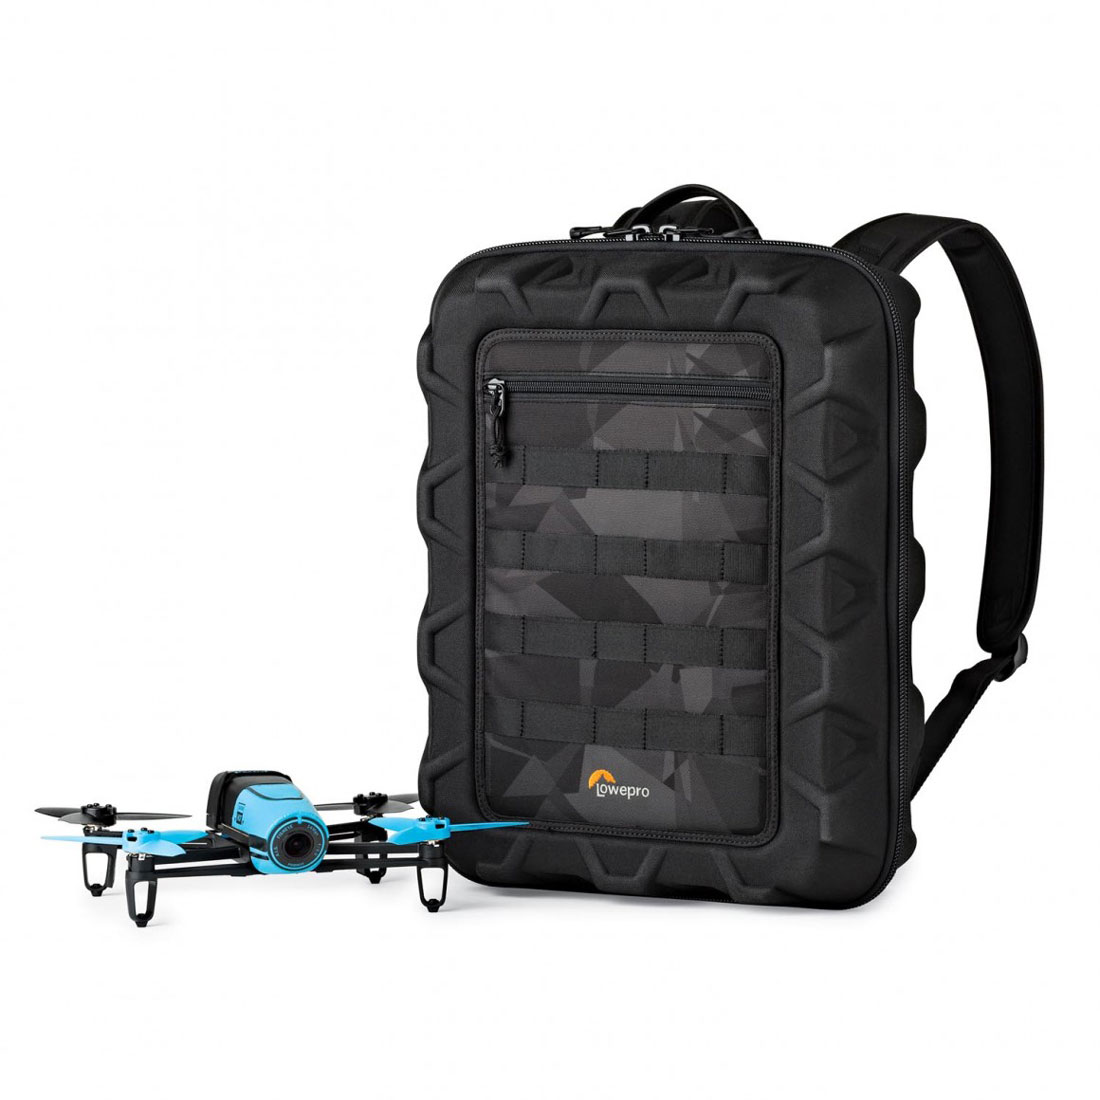 Le sac à dos pour drone Lowepro DroneGuard CS 300.